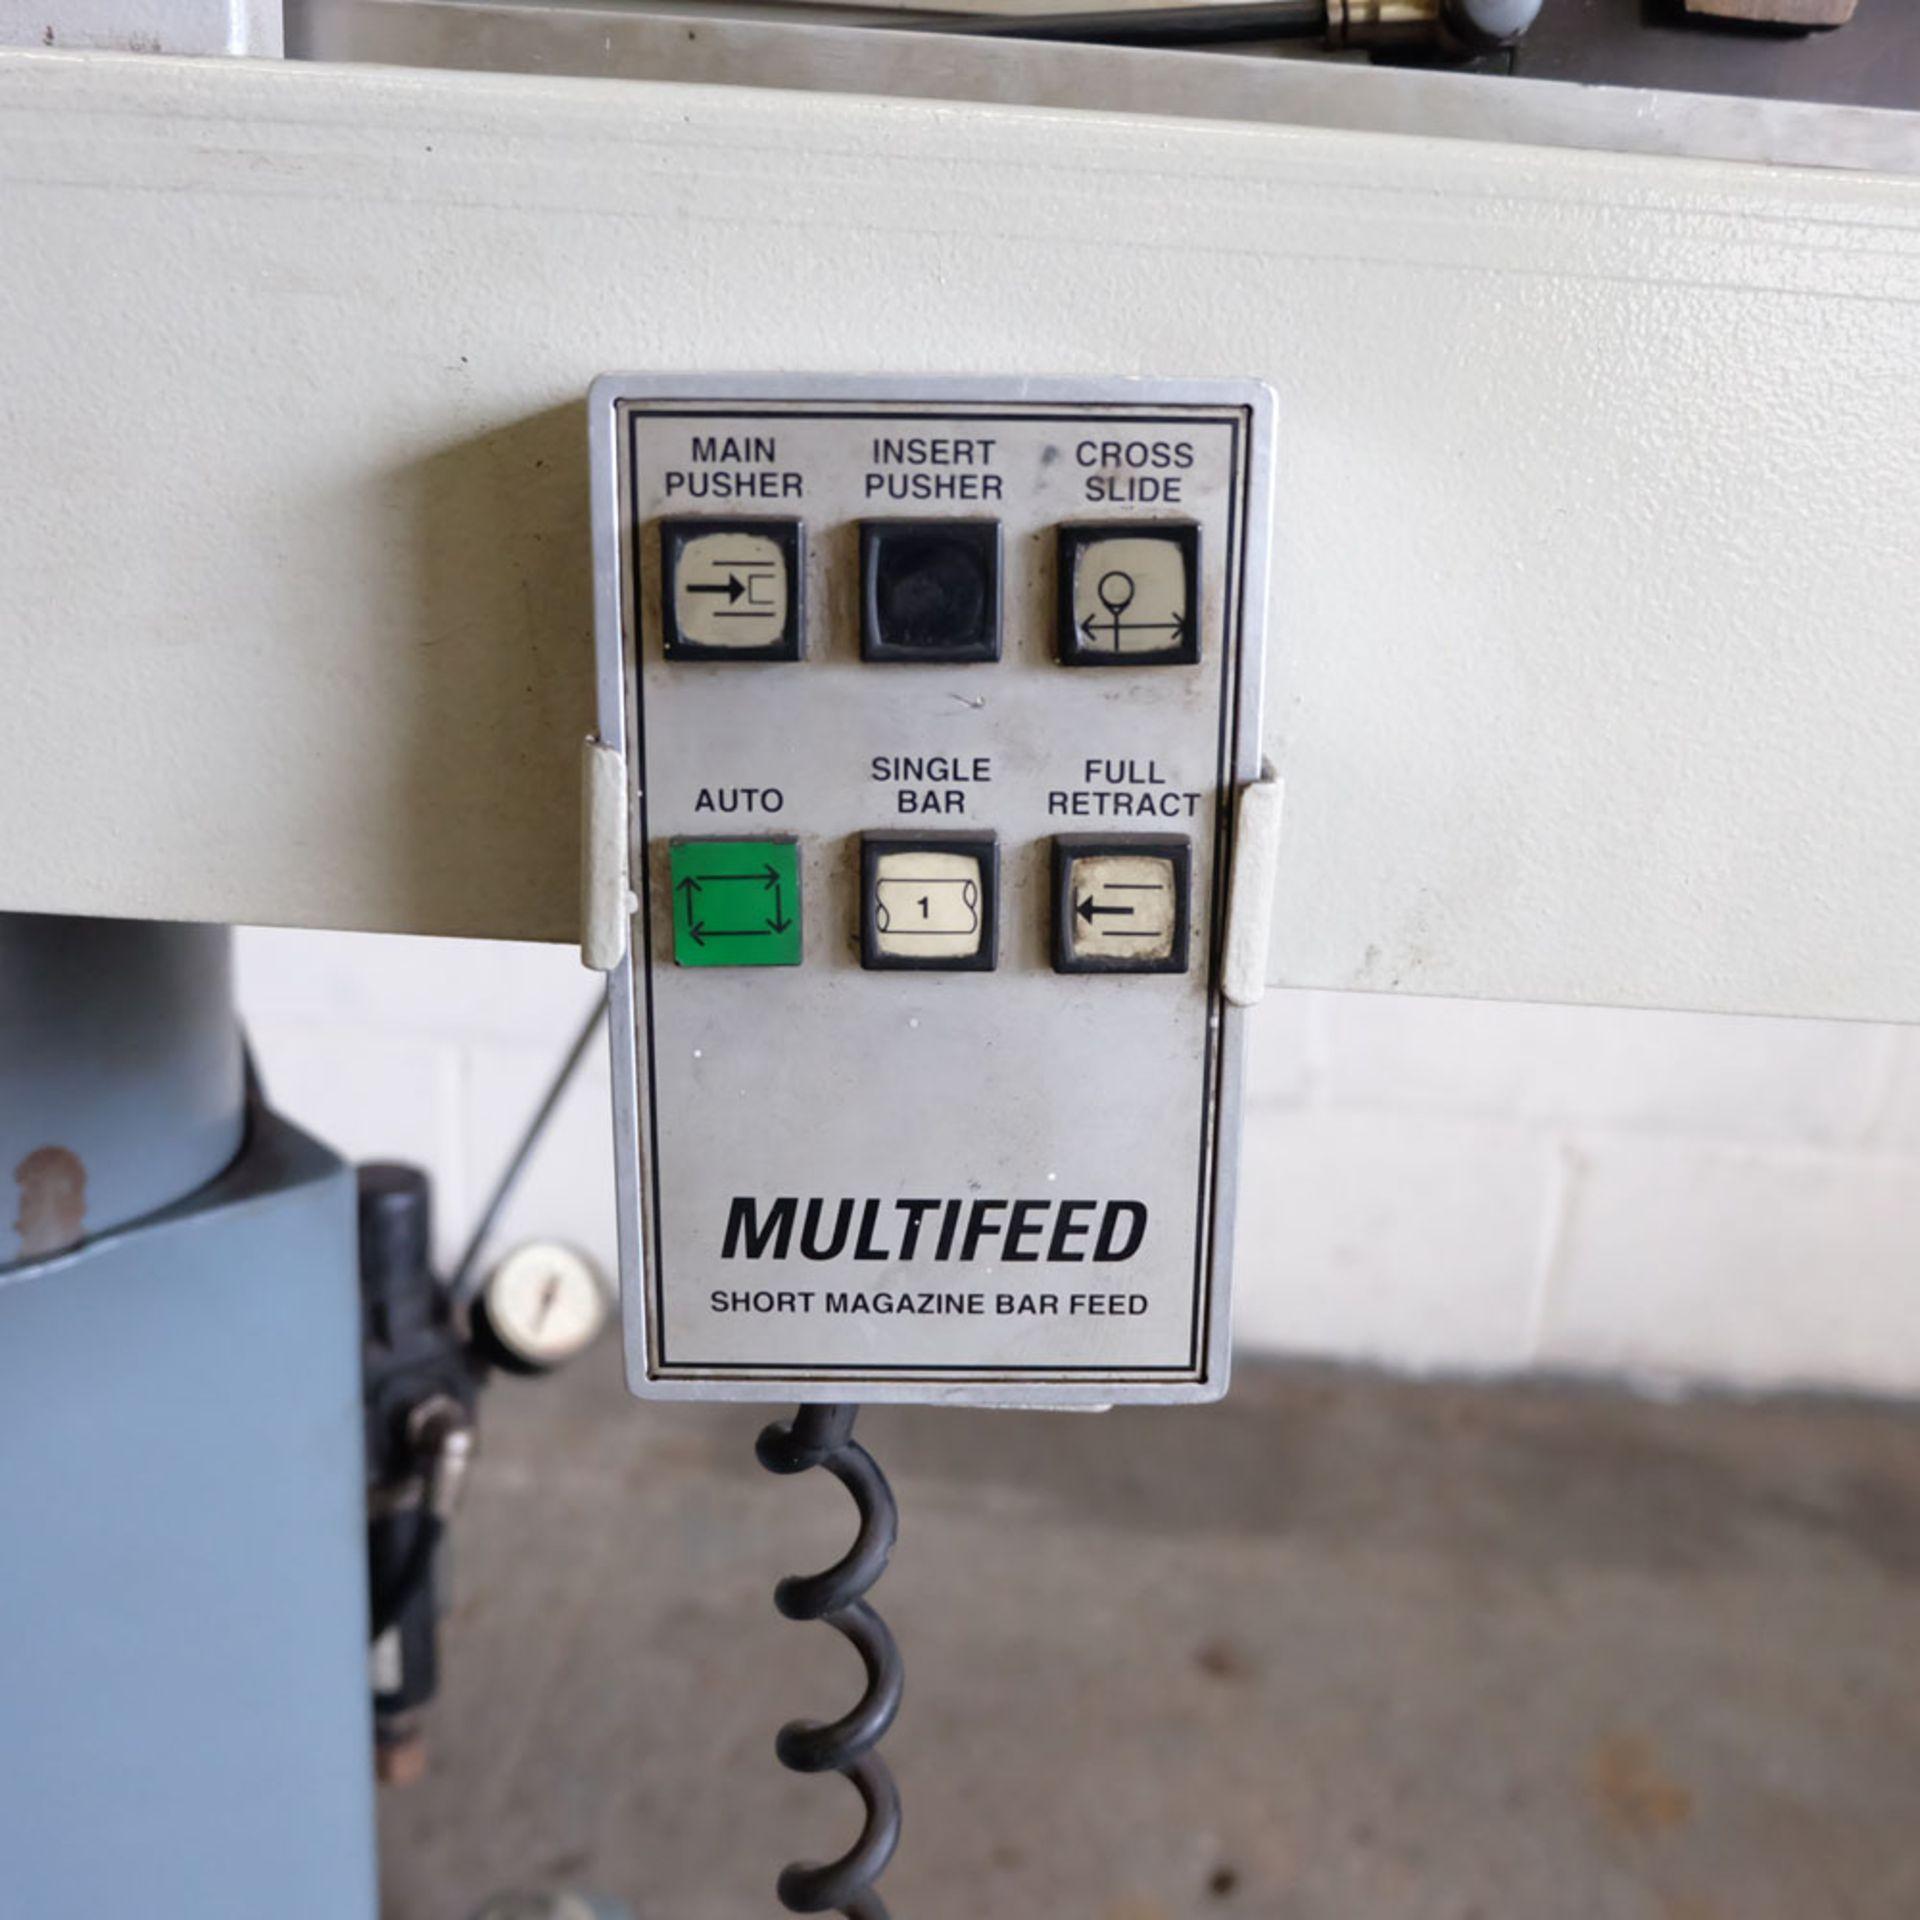 Multifeed Short Magazine CNC BarFeed. Model ML1. 220 Volt. Single Phase. - Image 7 of 9